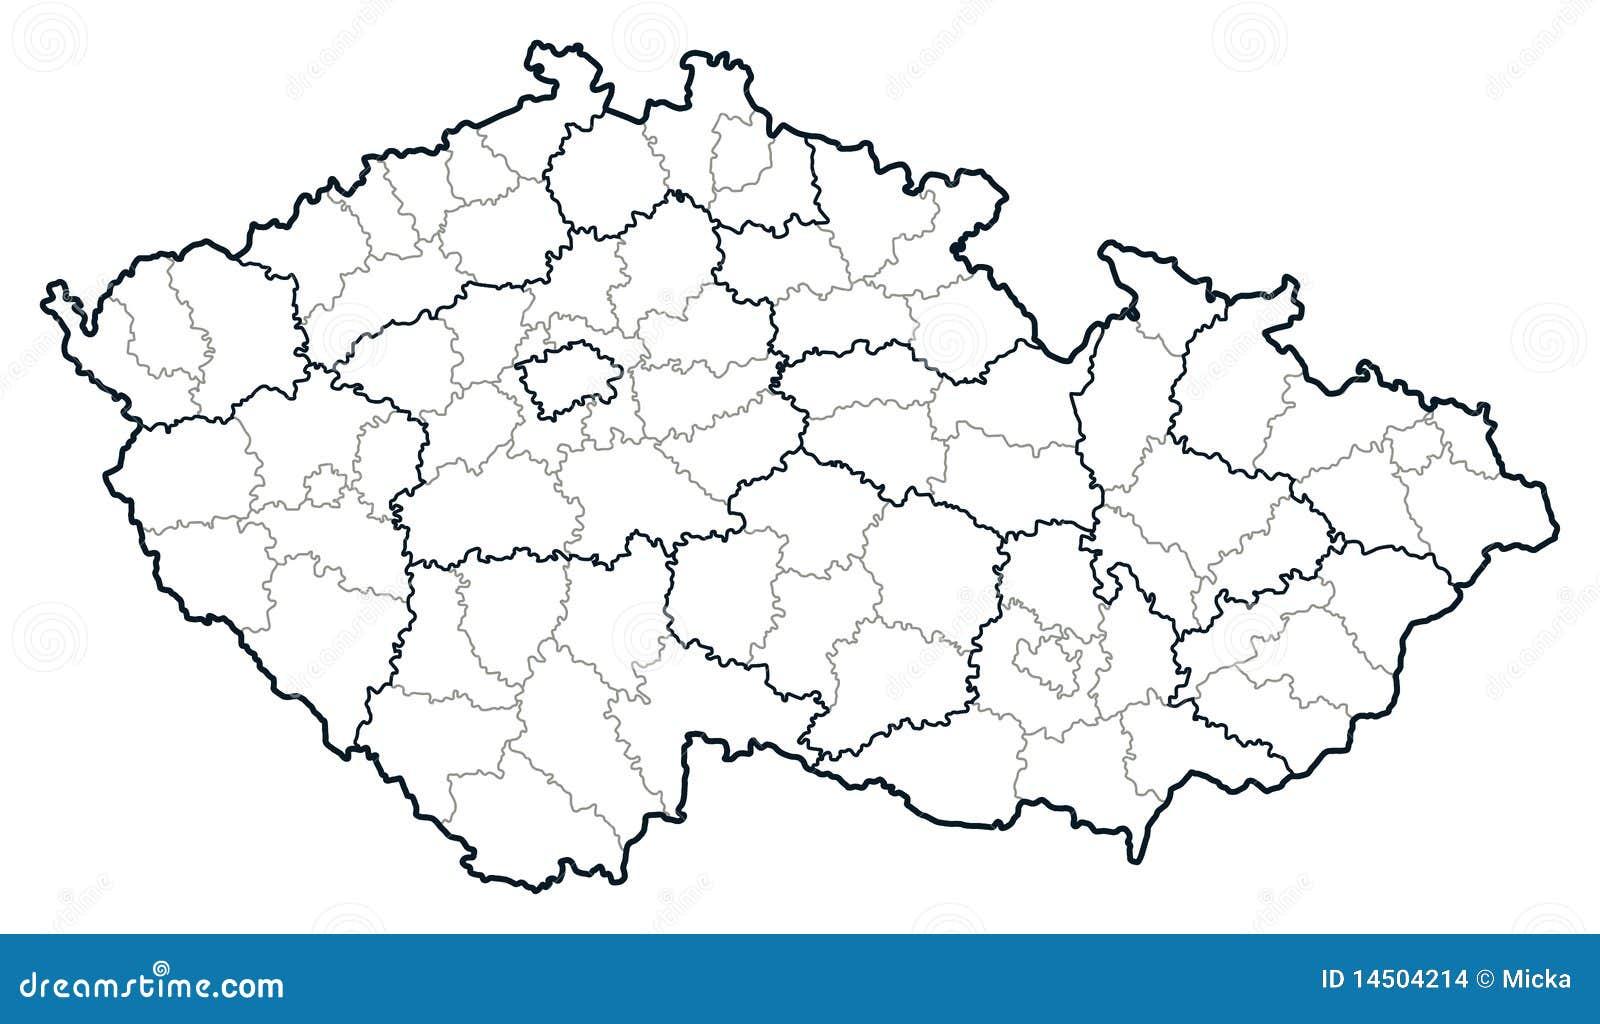 Karte der Tschechischen Republik vektor